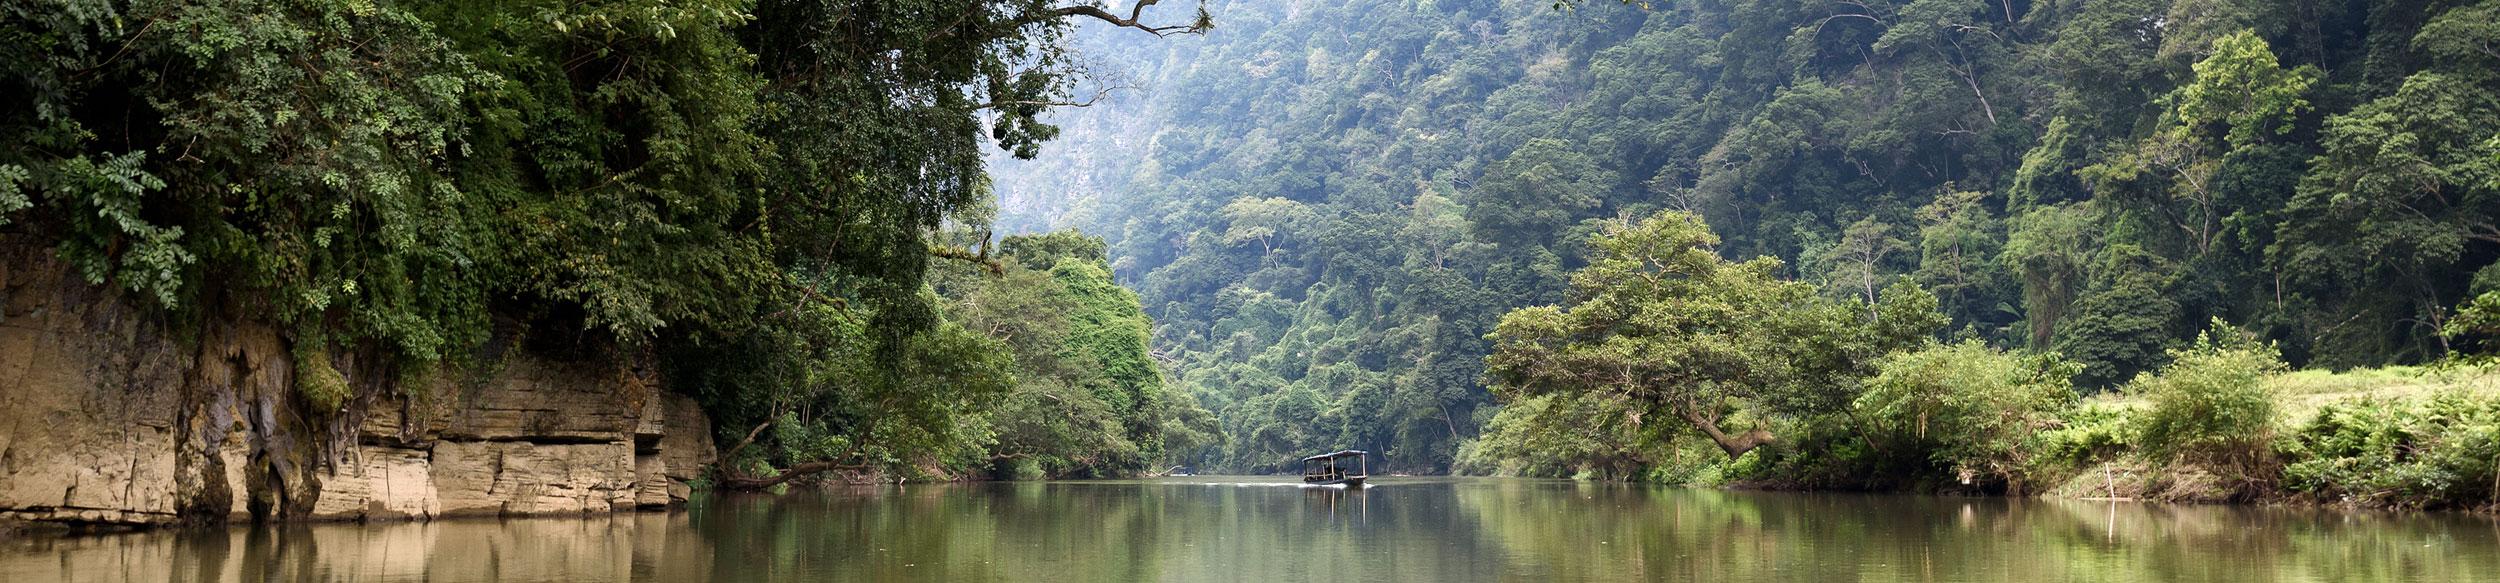 paysage du lac Ba Be au nord Vietnam